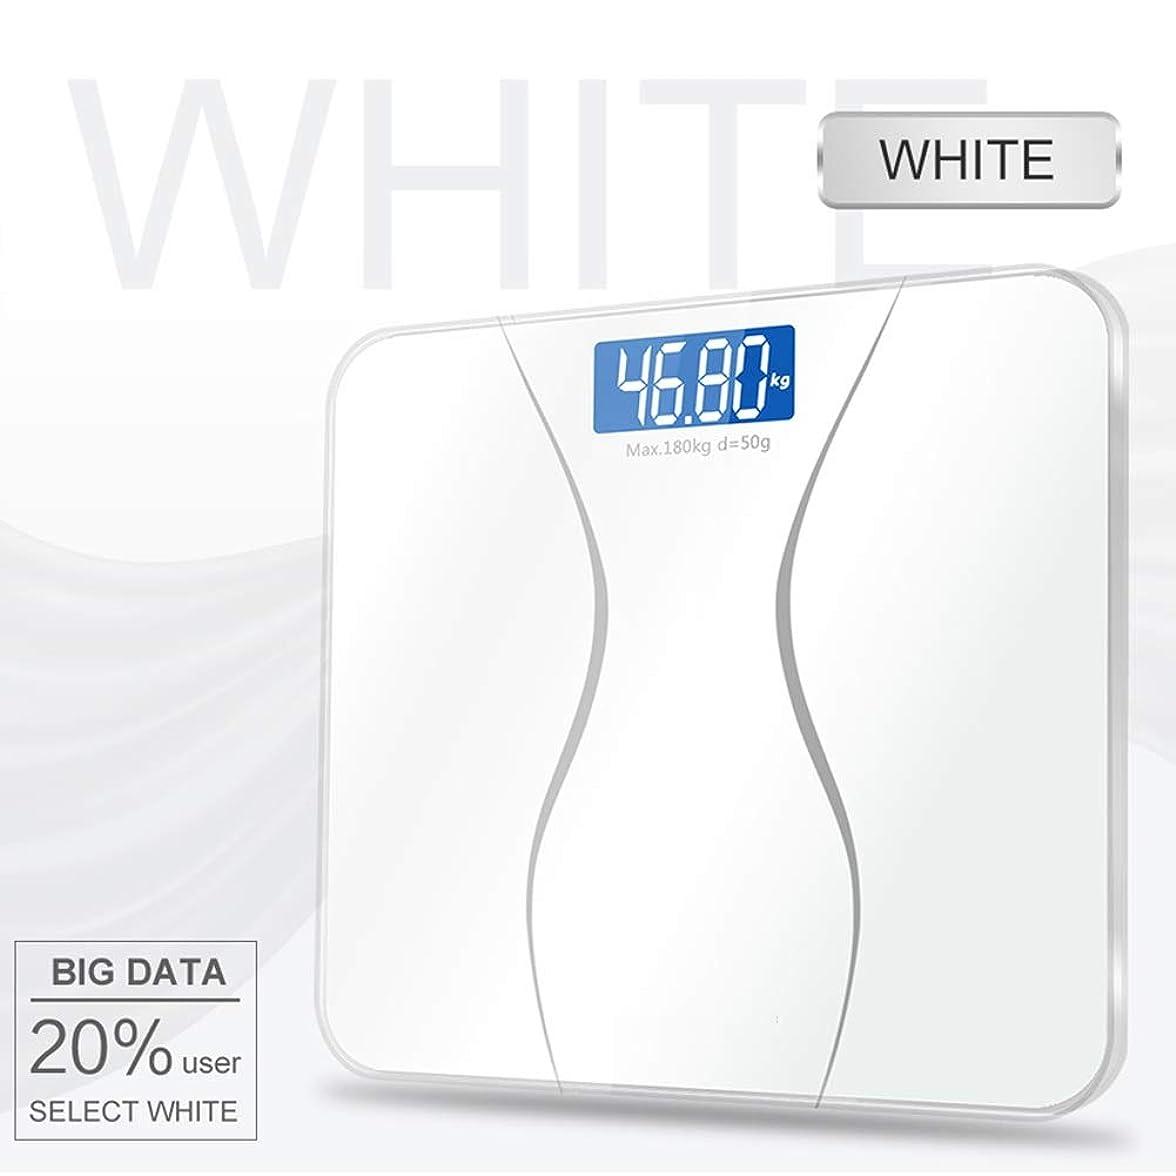 アカデミック幸運主導権ガラススマート家庭用電子デジタル体重バランス肥満LCDディスプレイ - 180KG / 50G - 11x11x0.78in ZHHCP (Color : White)